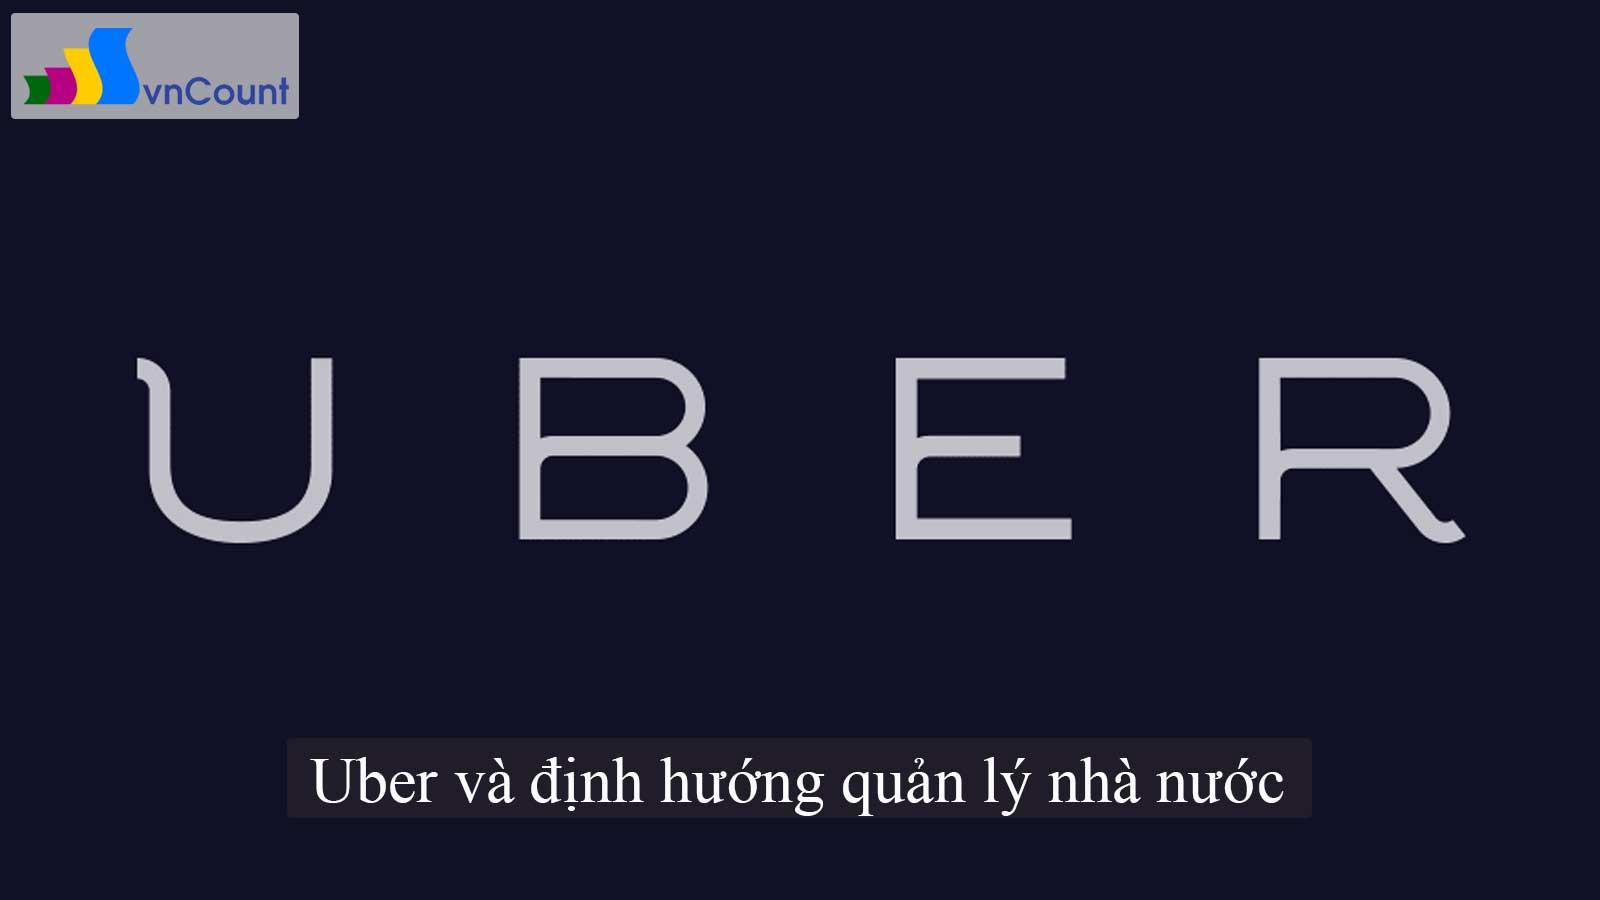 Uber và định hướng quản lý nhà nước